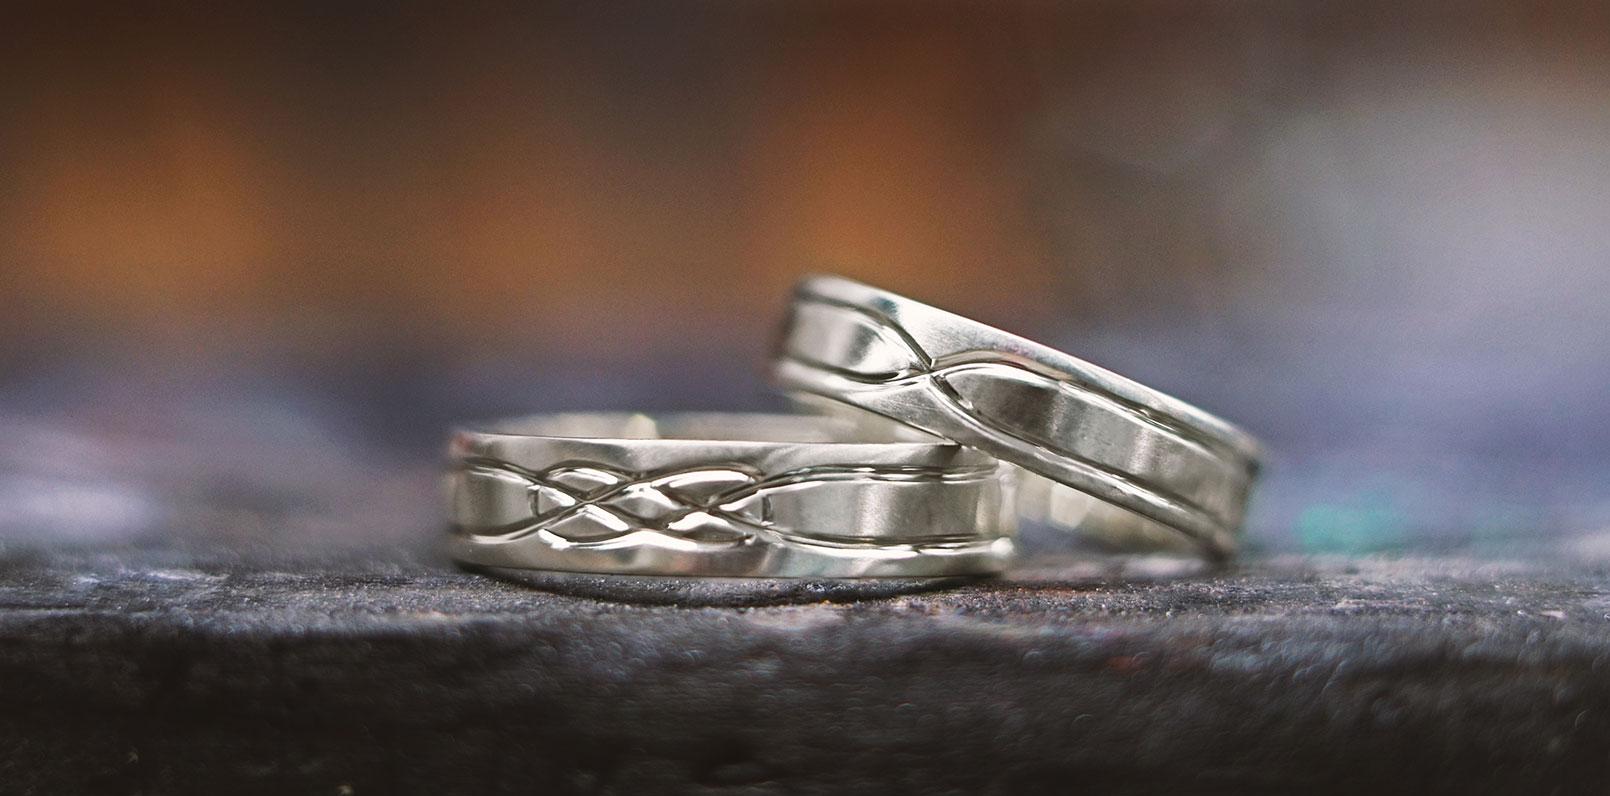 harriet-kelsall-bespoke-jewellery-engraved-wedding-rings[1].jpg